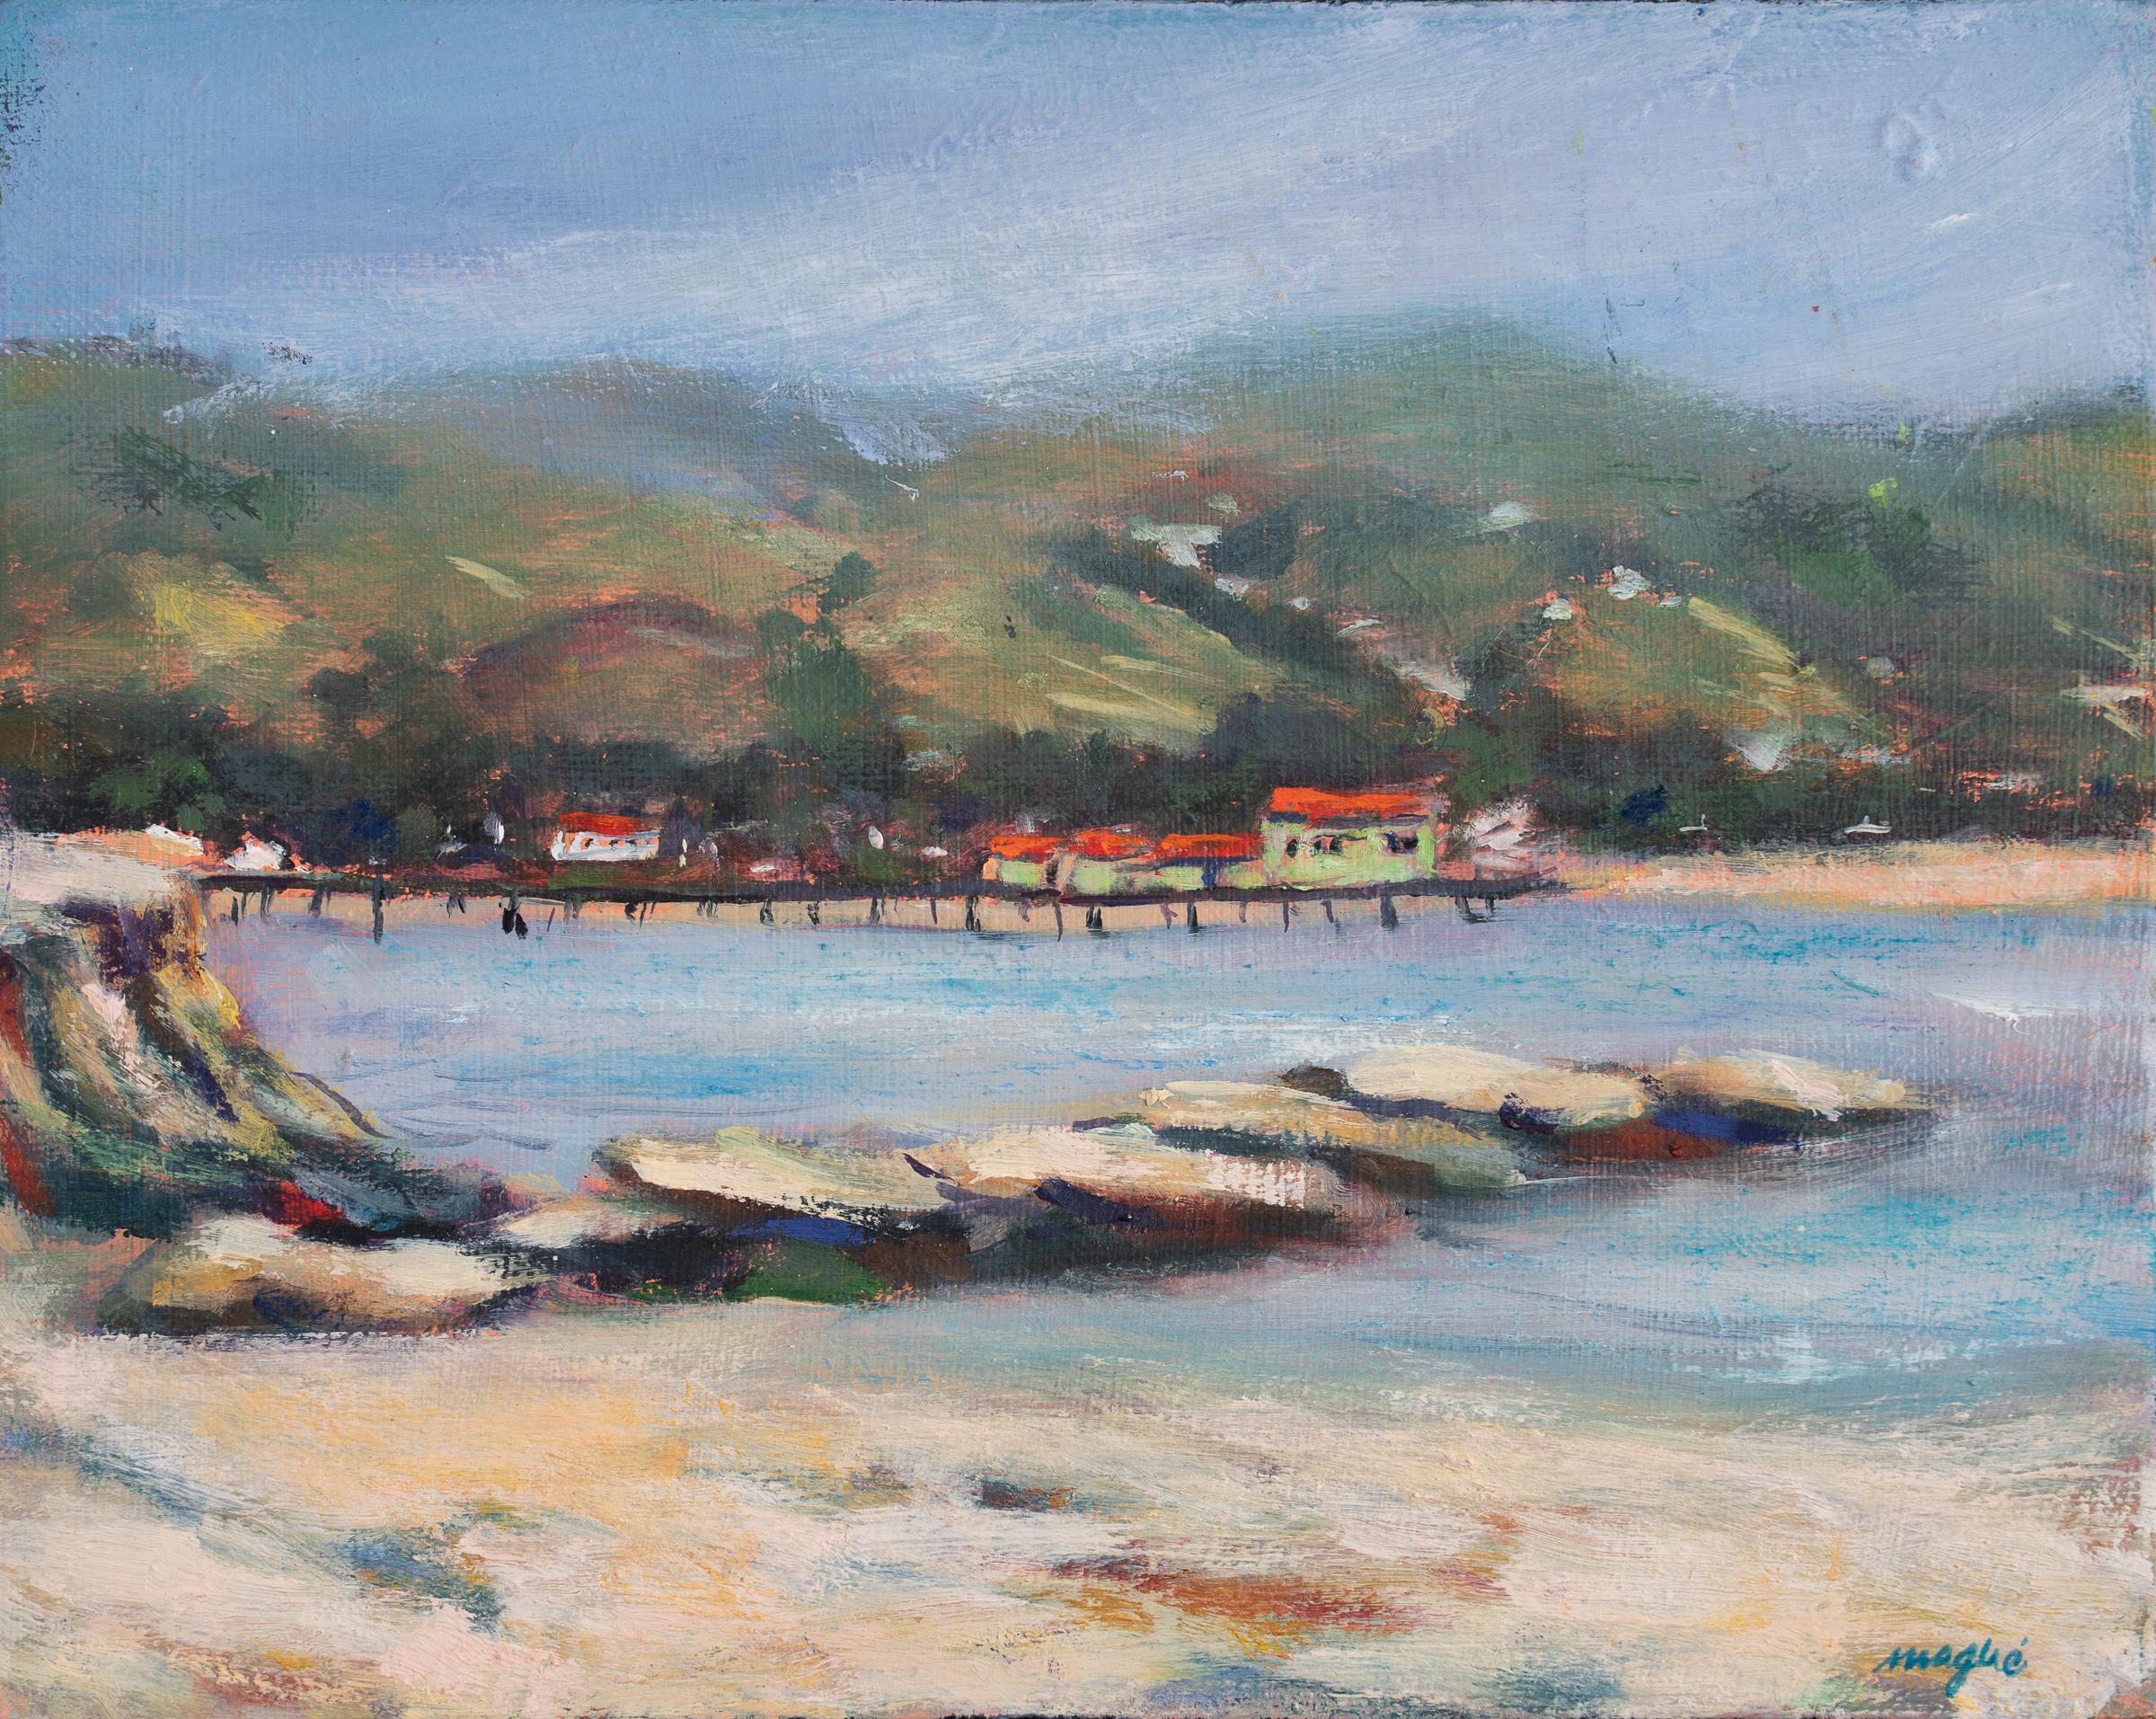 MAVERICKS BEACH 1